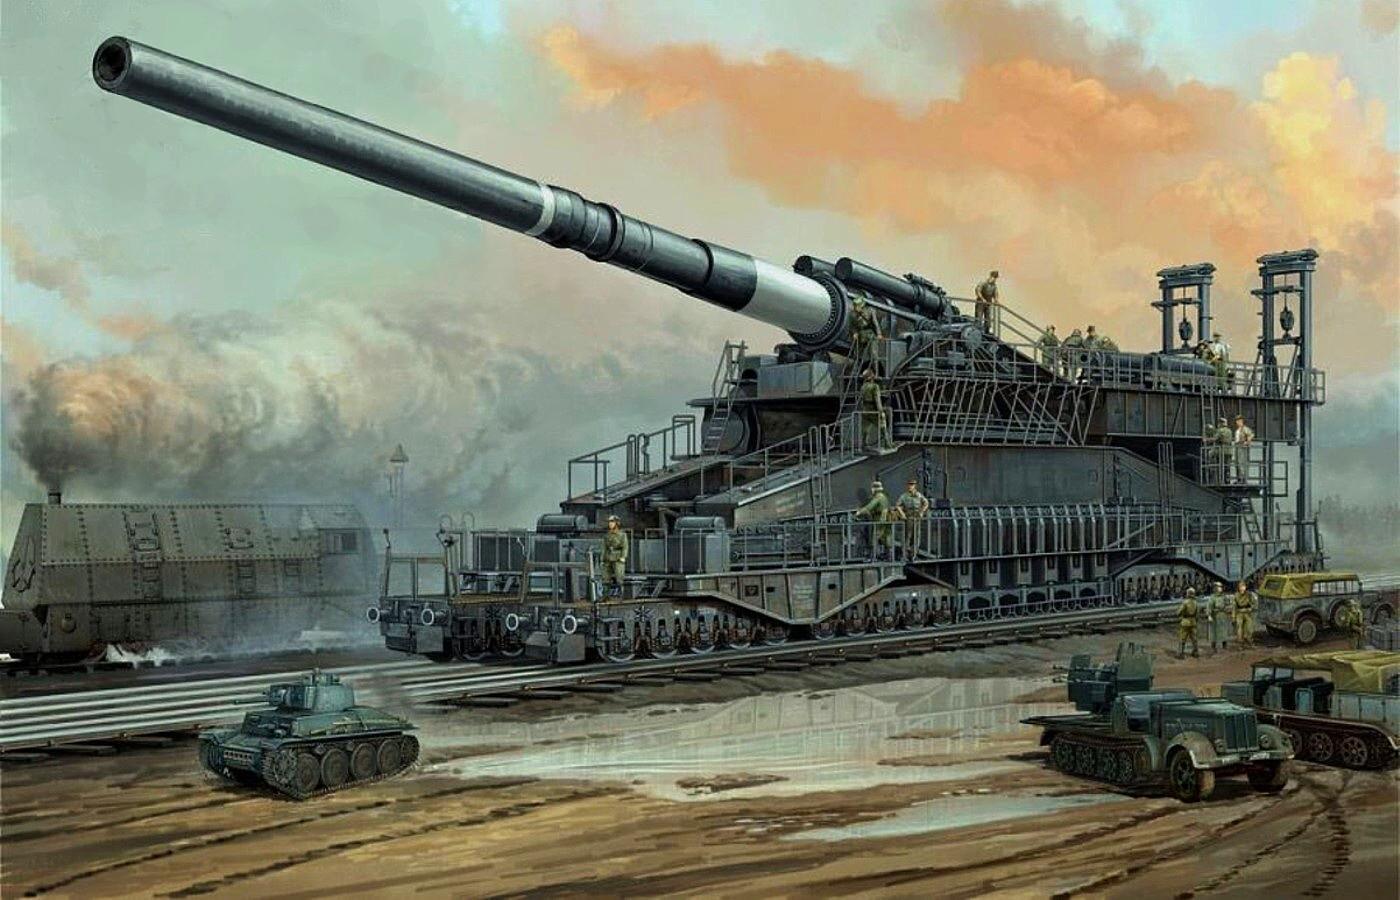 No creerás, pero los alemanes realmente construyeron y usaron este cañón monstruo en la Segunda Guerra Mundial